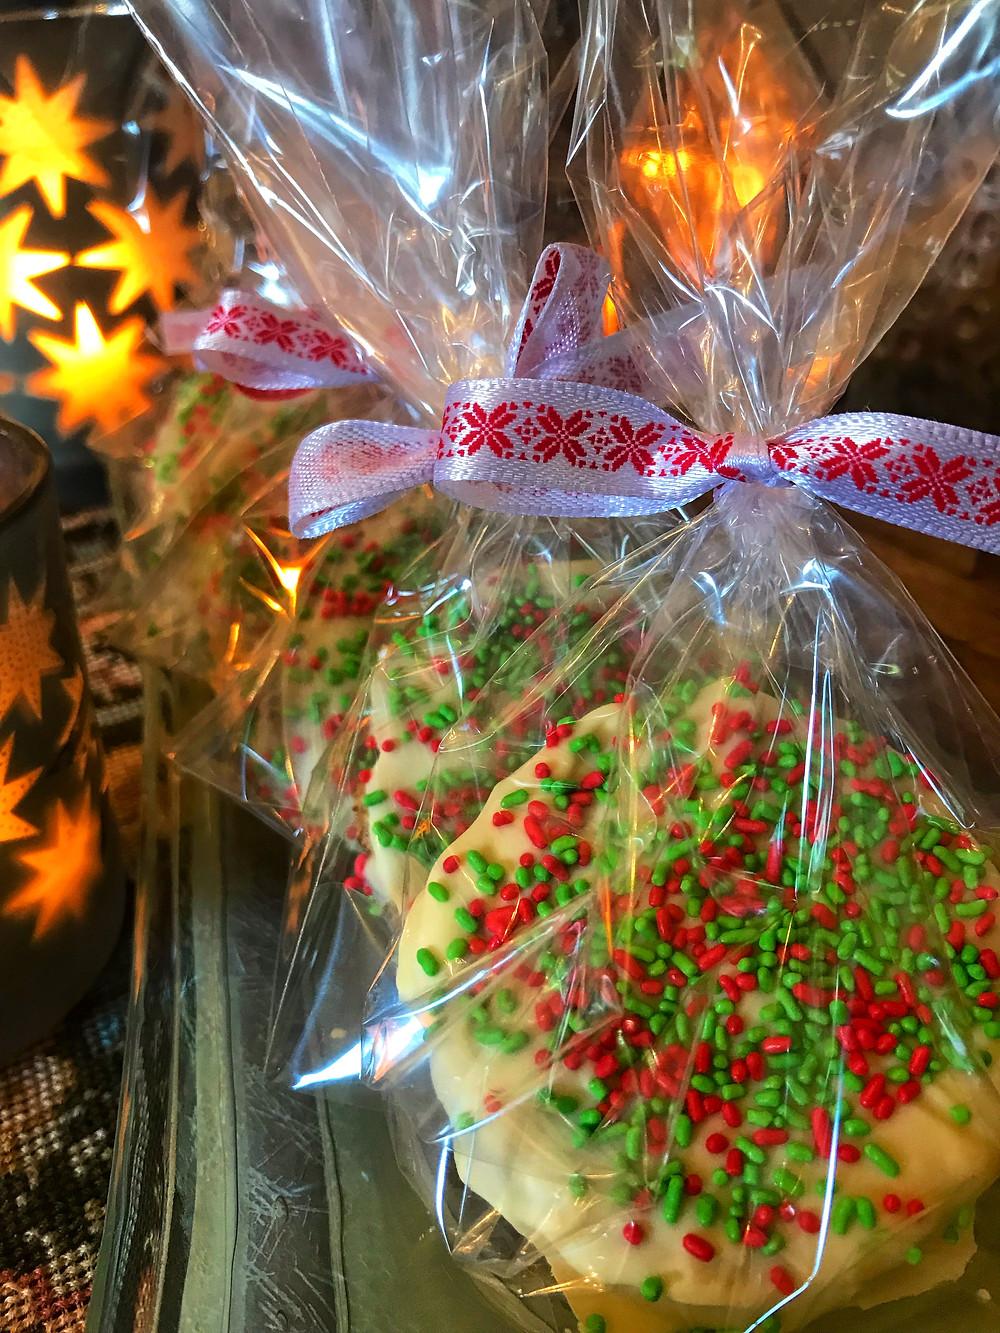 how to make no sugar oatmeal cookies with tahini